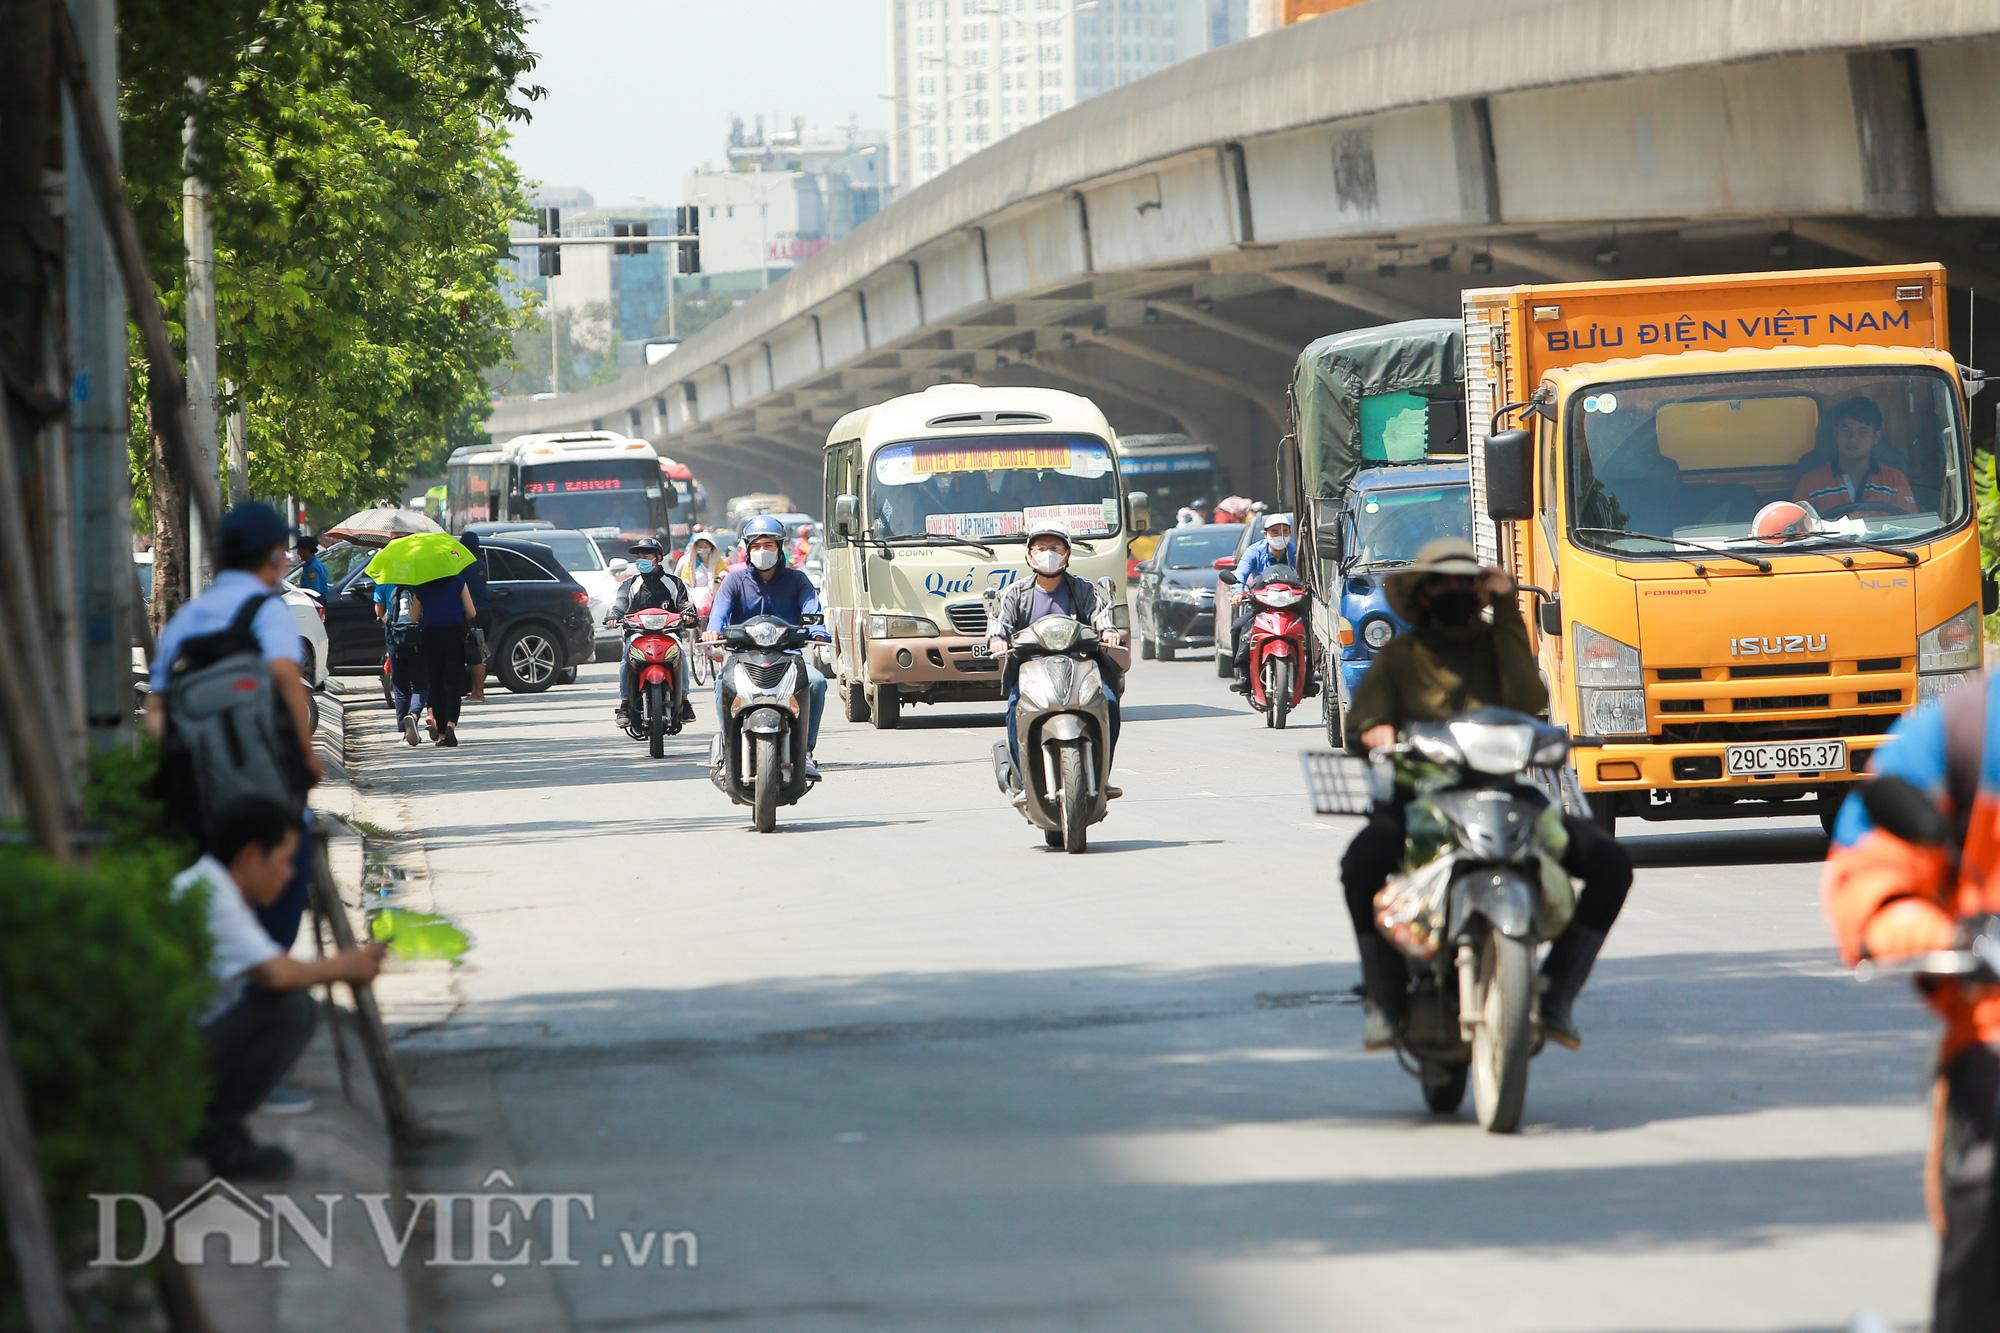 """Hàng loạt xe chạy """"rùa bò"""", bắt khách dọc đường bị CSGT Hà Nội xử lý - Ảnh 12."""